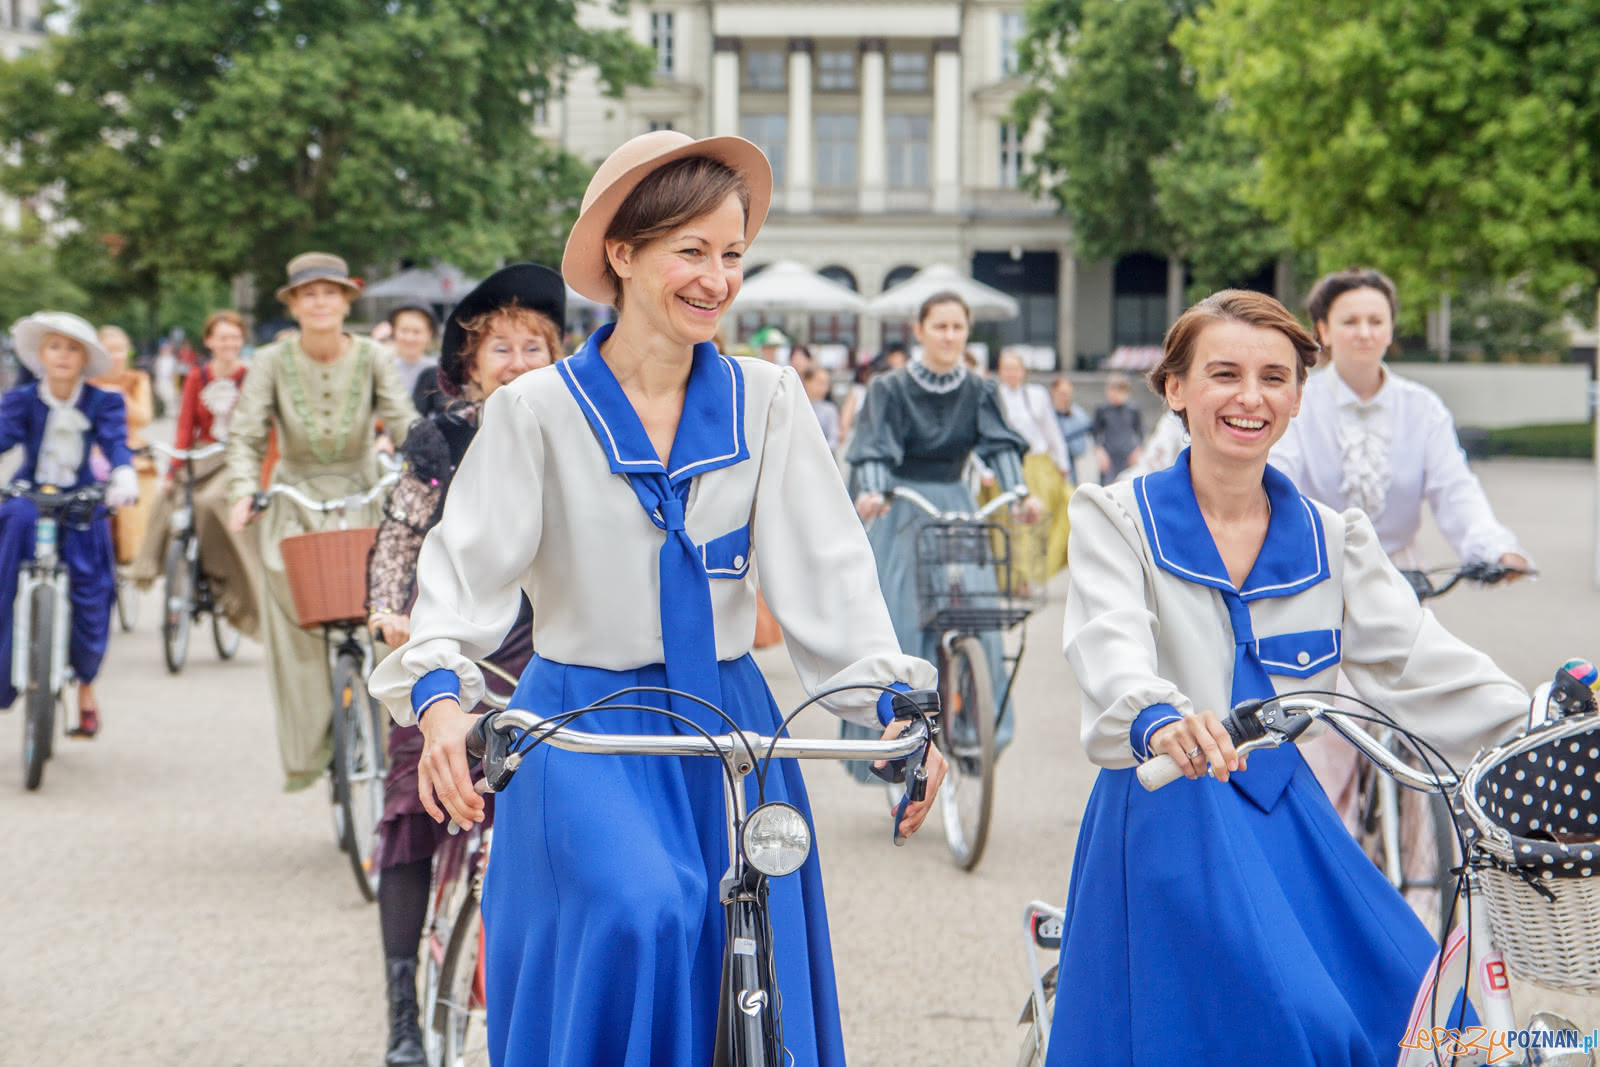 Siłaczki  Foto: lepszyPOZNAN.pl / Ewelina Jaśkowiak